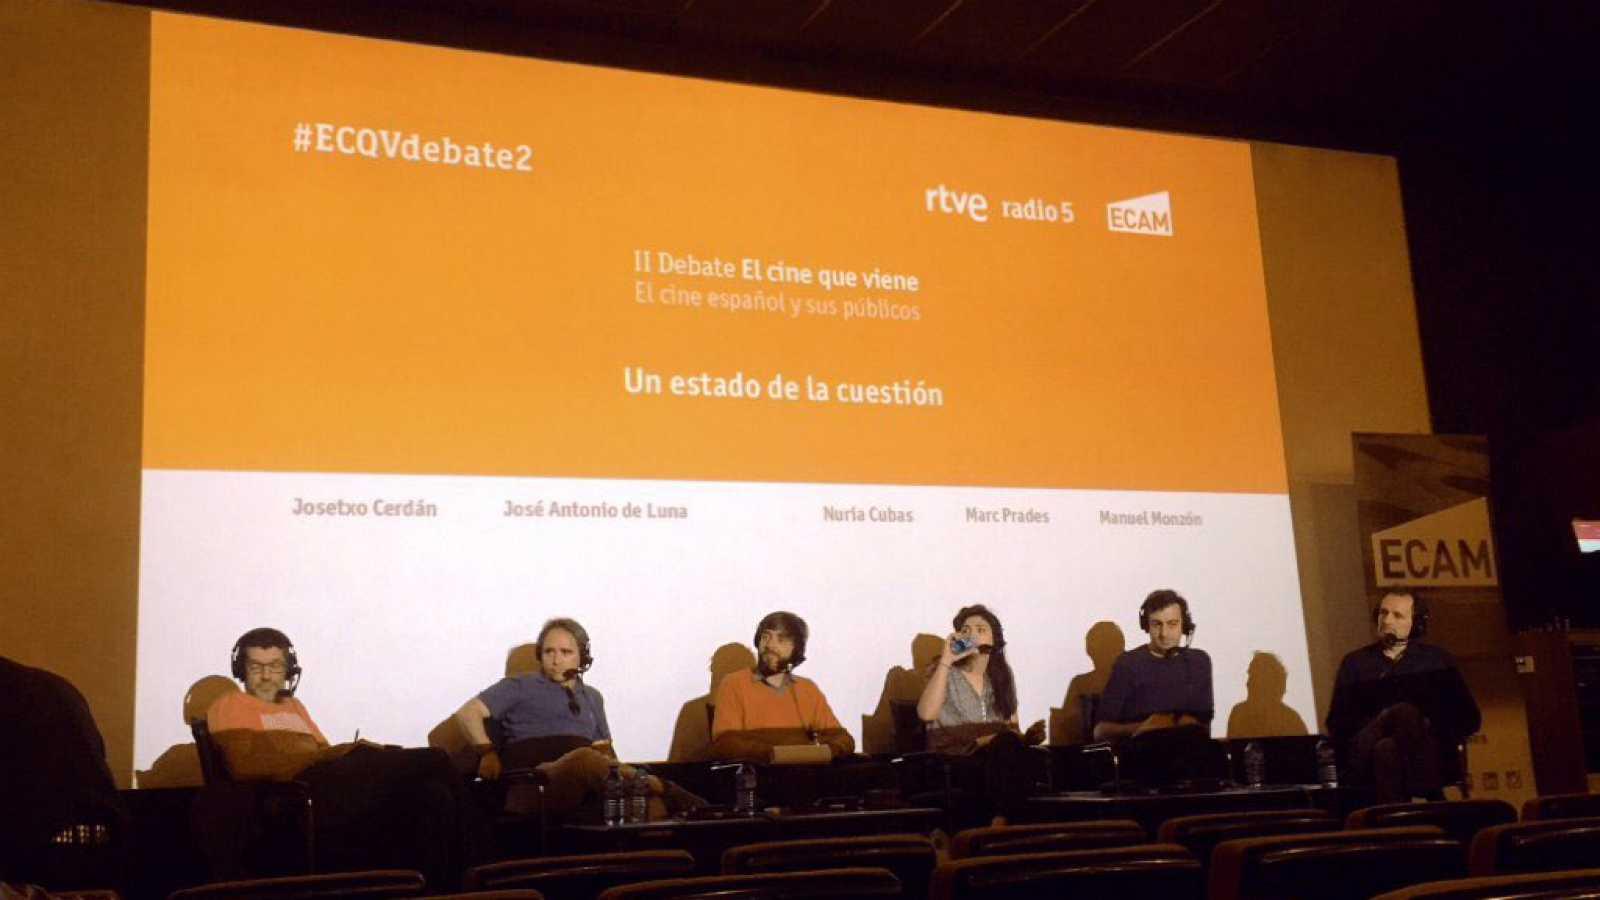 El cine que viene - II Debate 'El cine que viene. El cine español y sus públicos' - Escuchar ahora